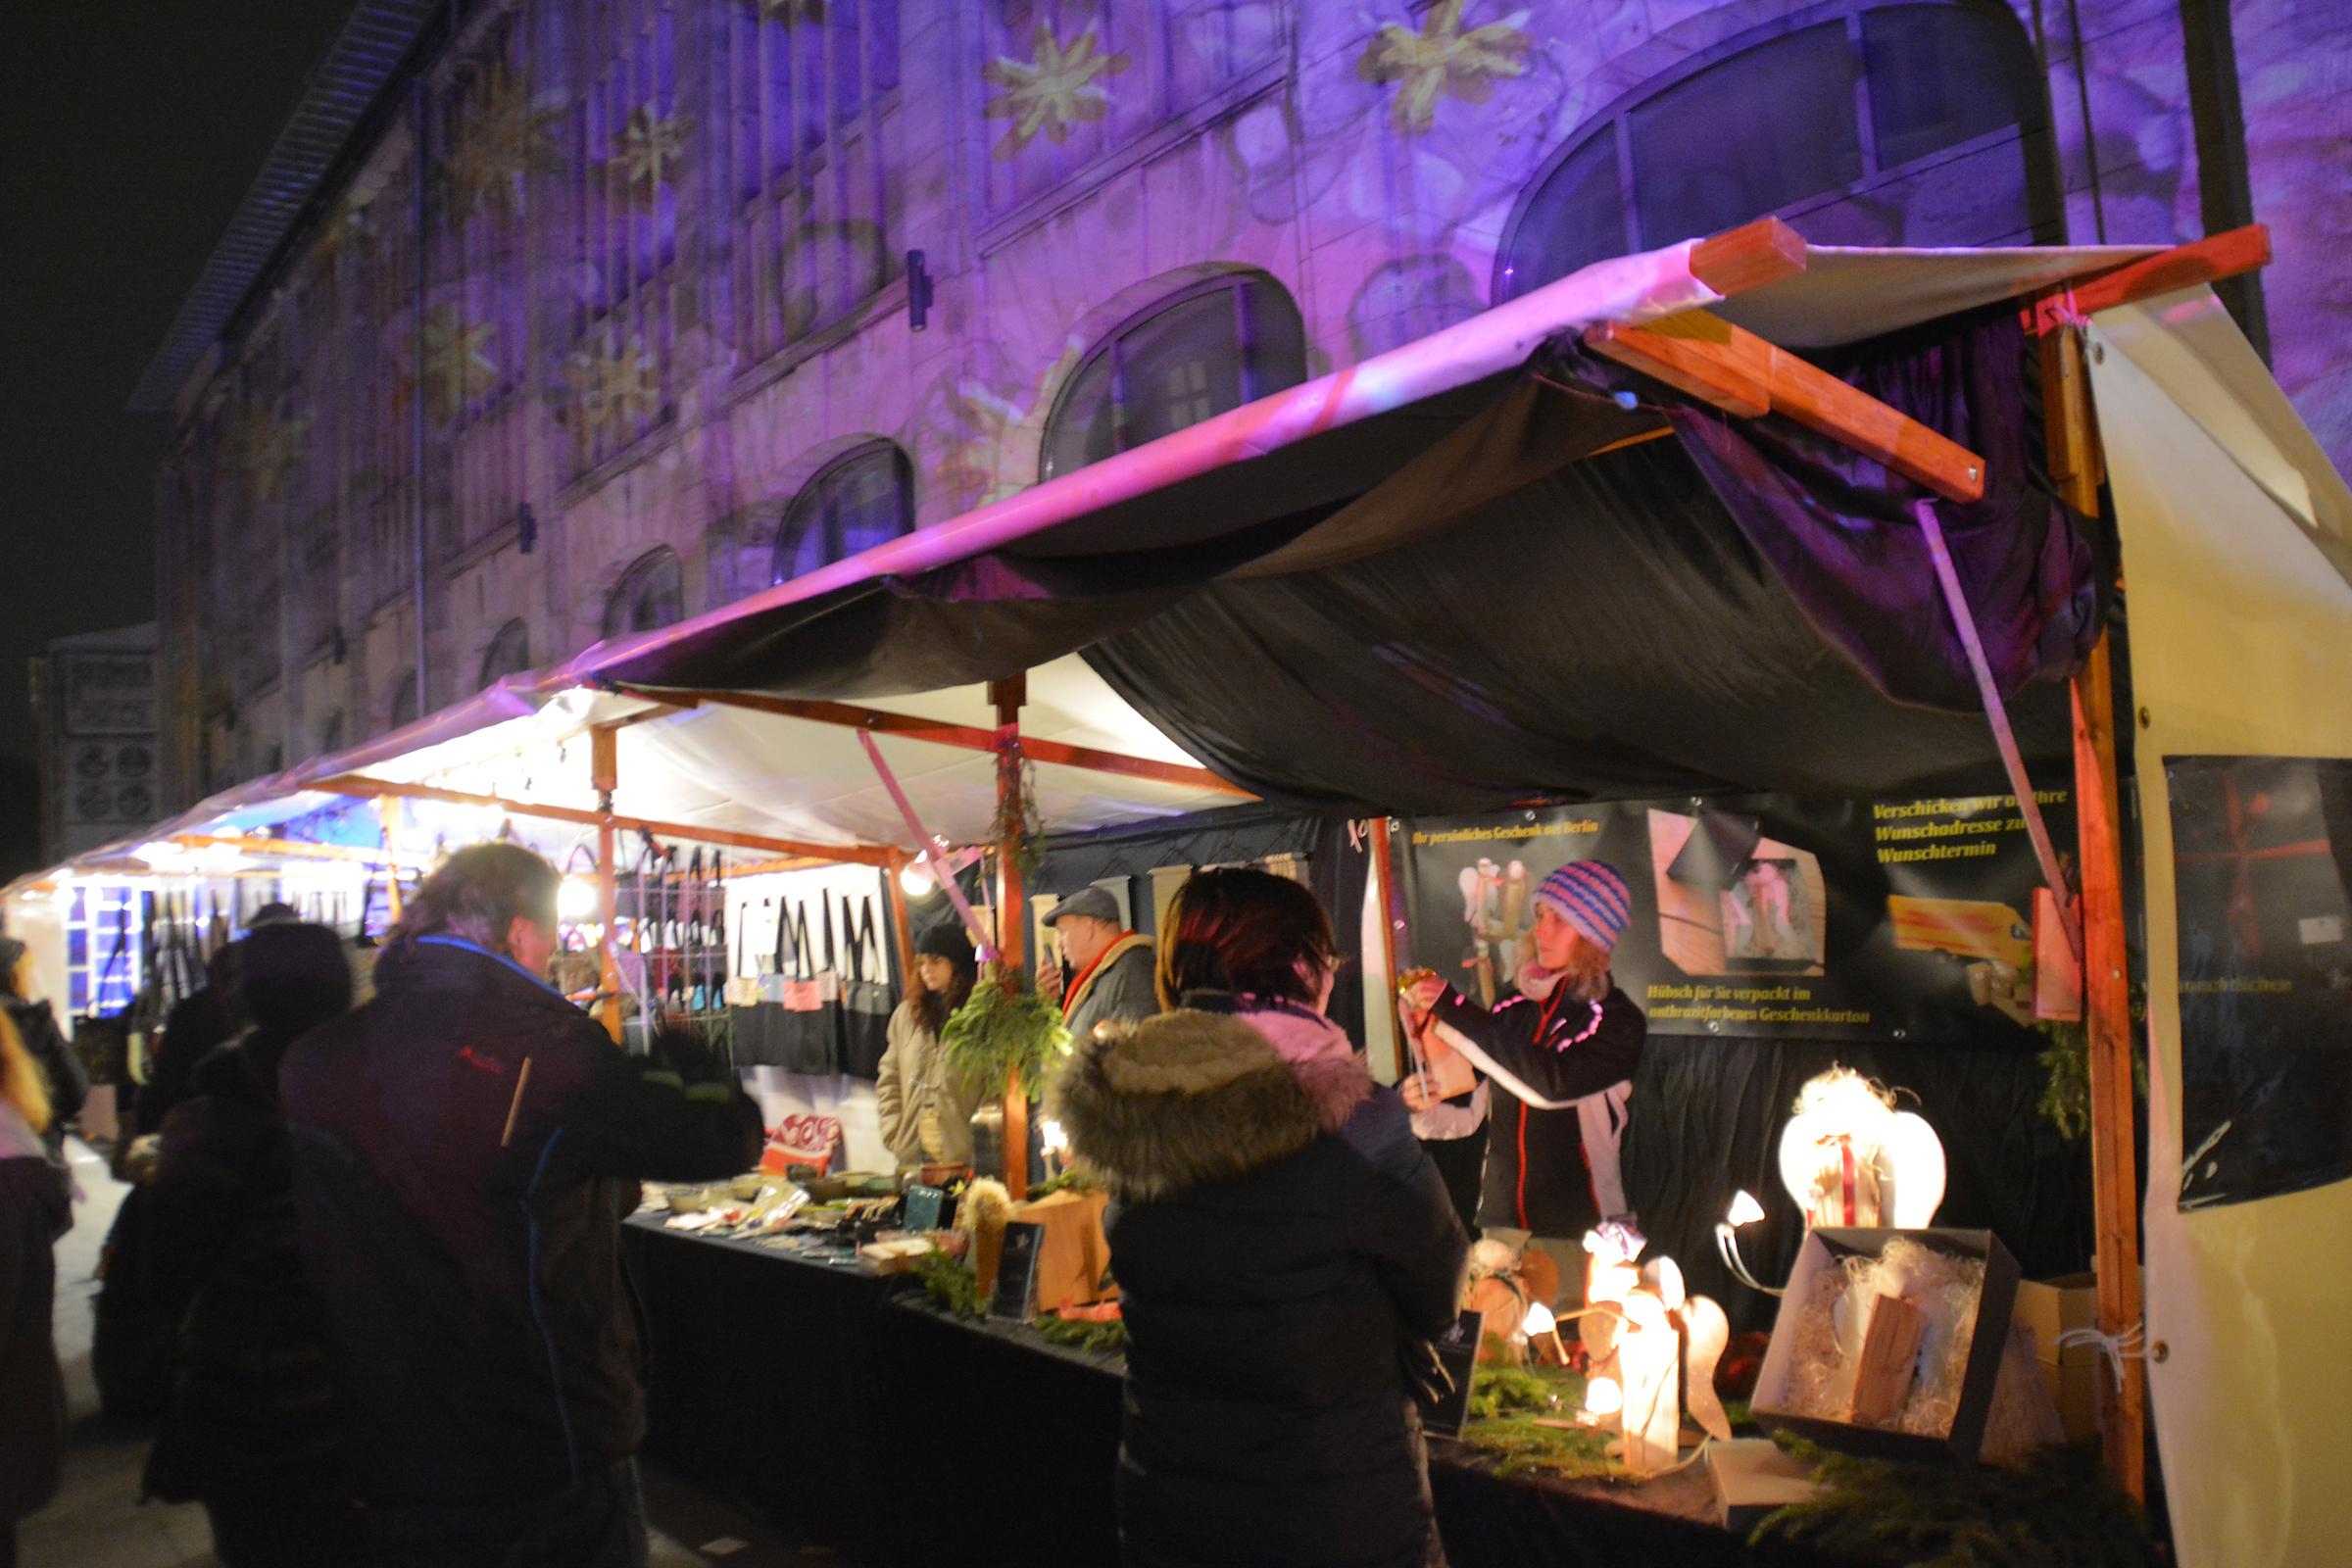 Weihnachtsmarkt in der Sophienstraße in MItte. Foto: Ulrich Horb